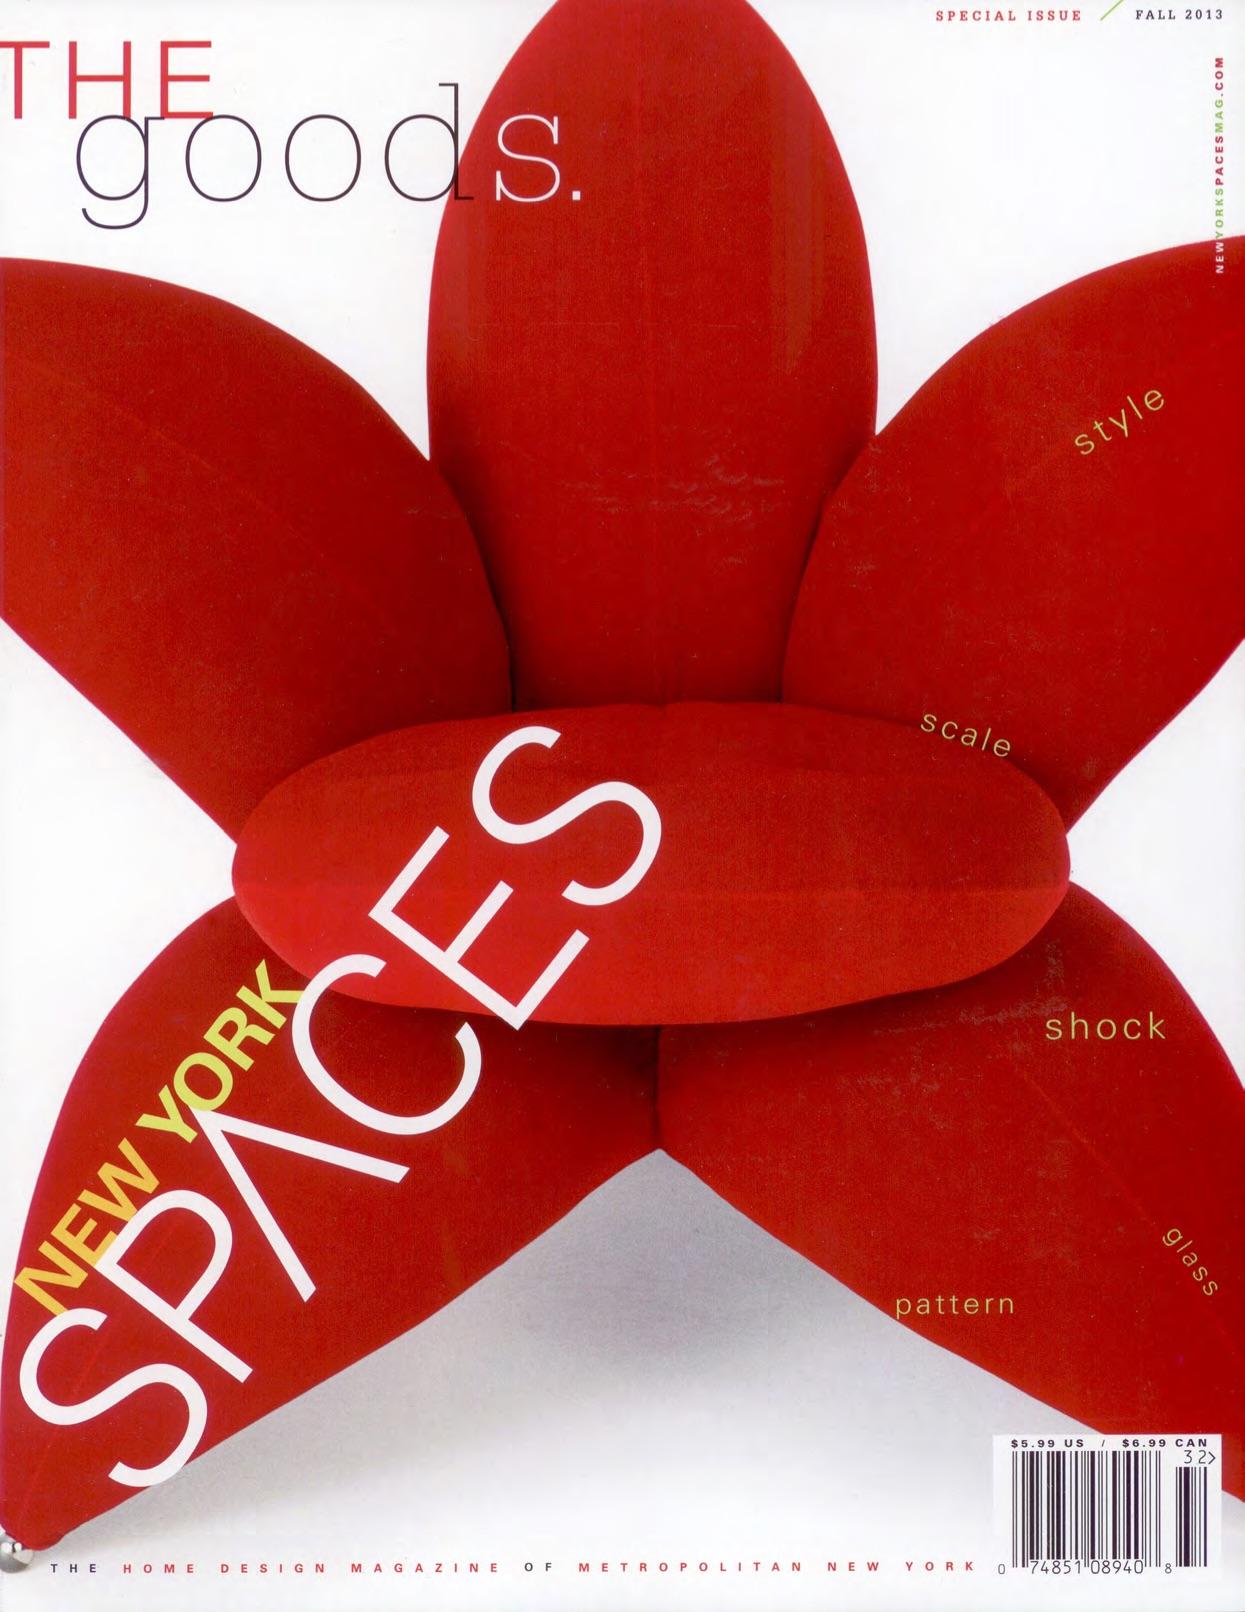 NY SPACES MAGAZINE - NOV 2013